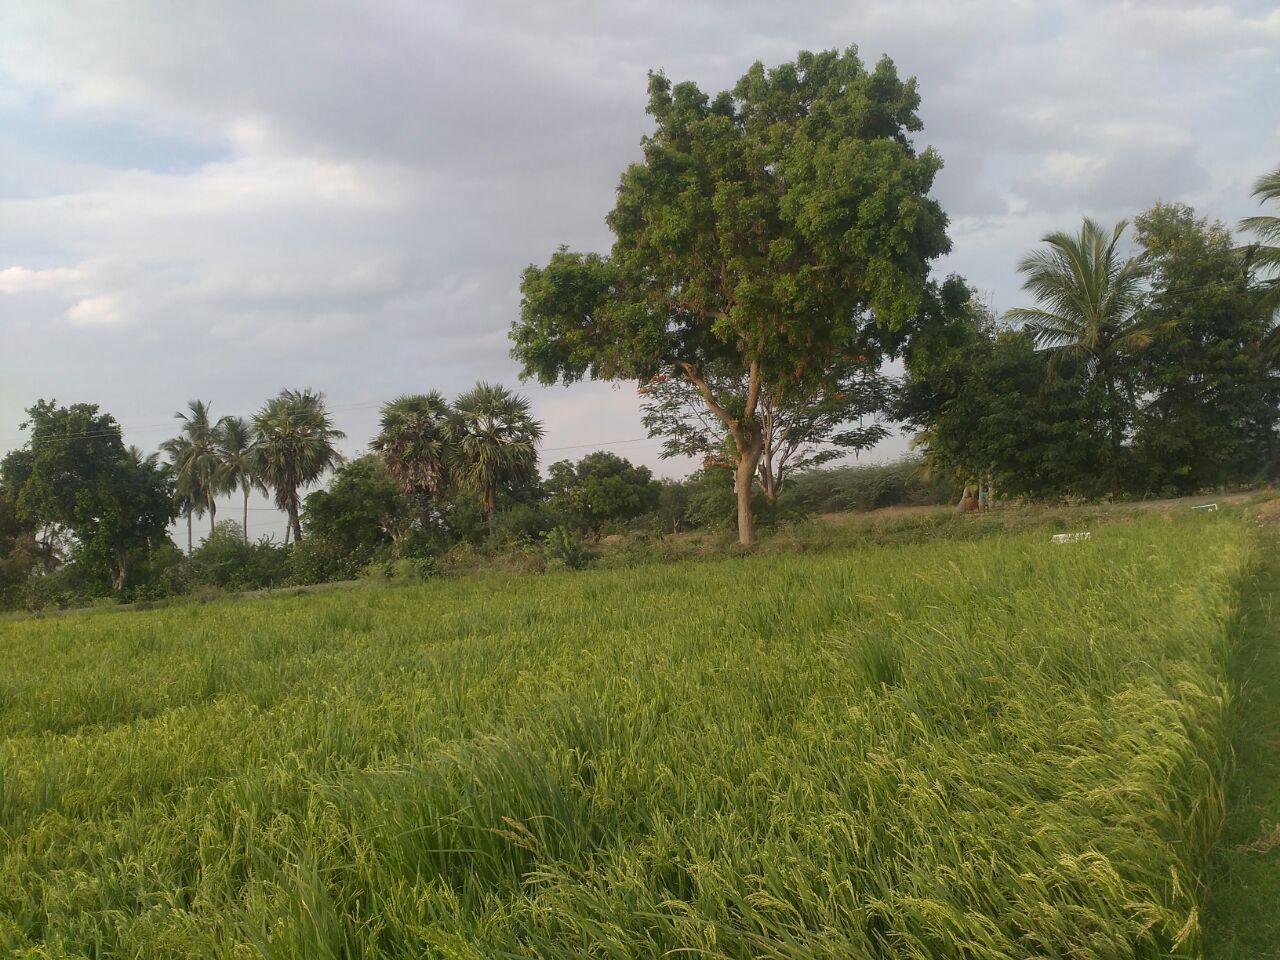 காஞ்சிபுரம், சேலம்-சென்னை 8 வழி சாலை